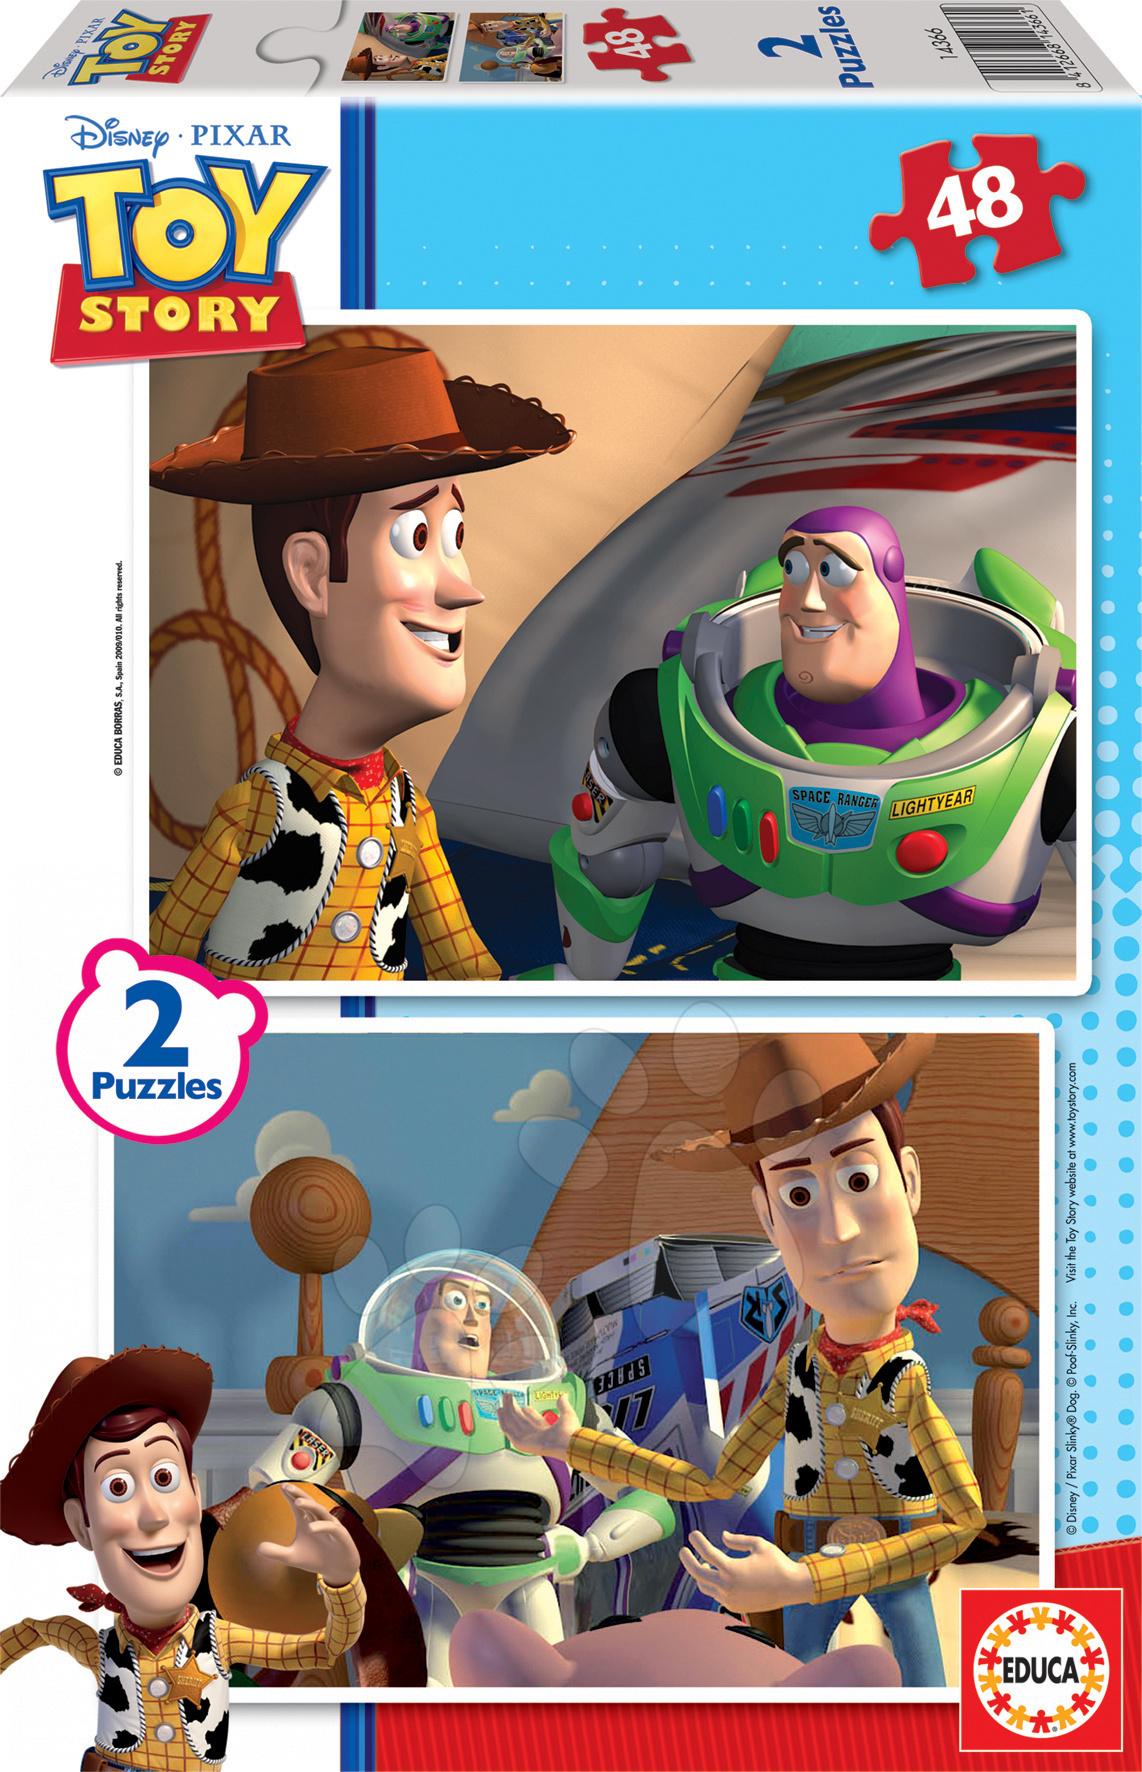 Detské puzzle do 100 dielov - Puzzle Walt Disney - Toy Story Educa 2x 48 dielov